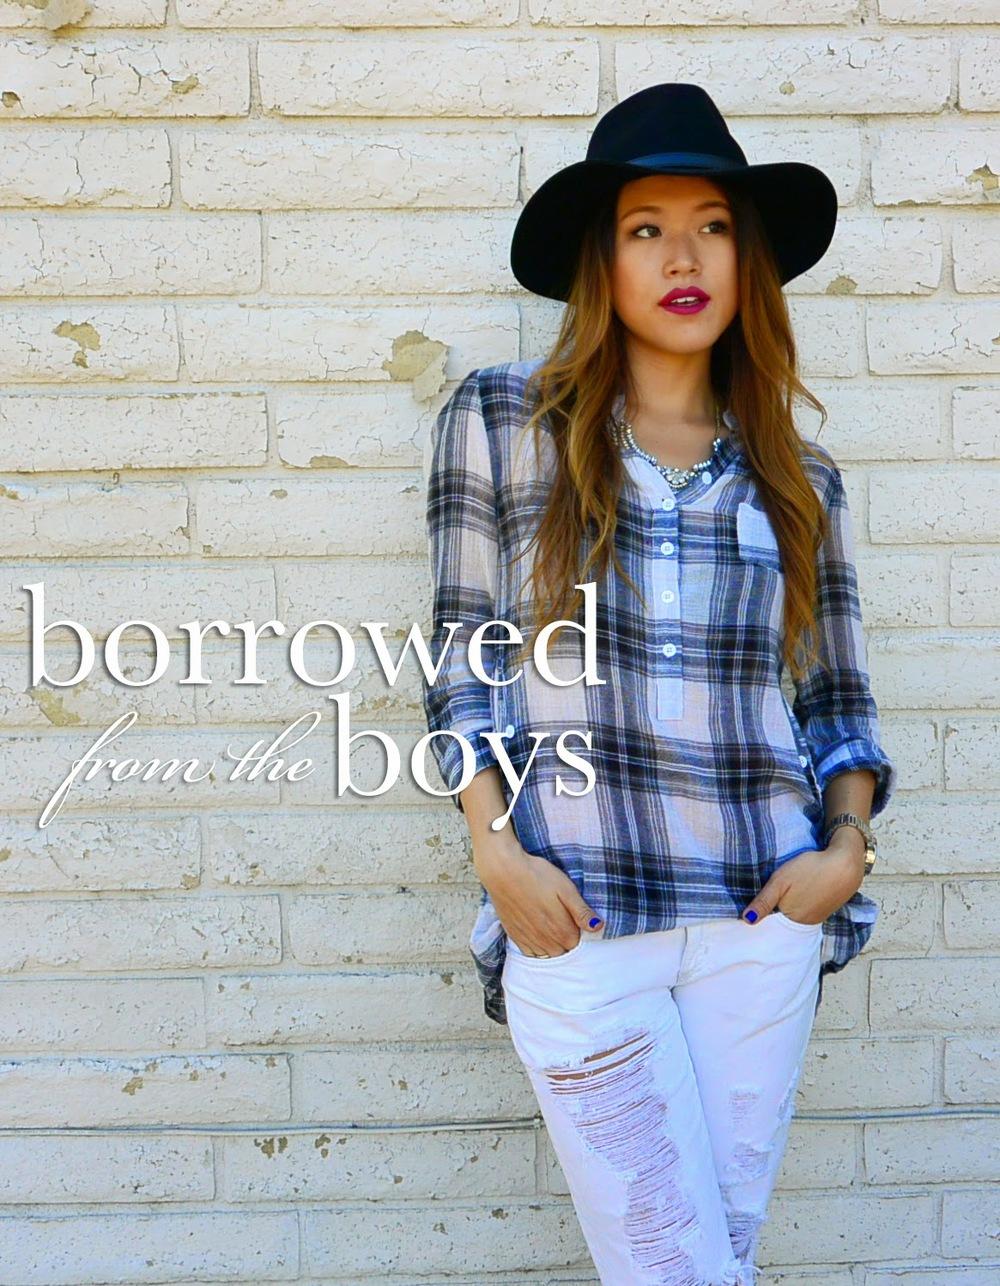 BorrowedBoysCover.jpg